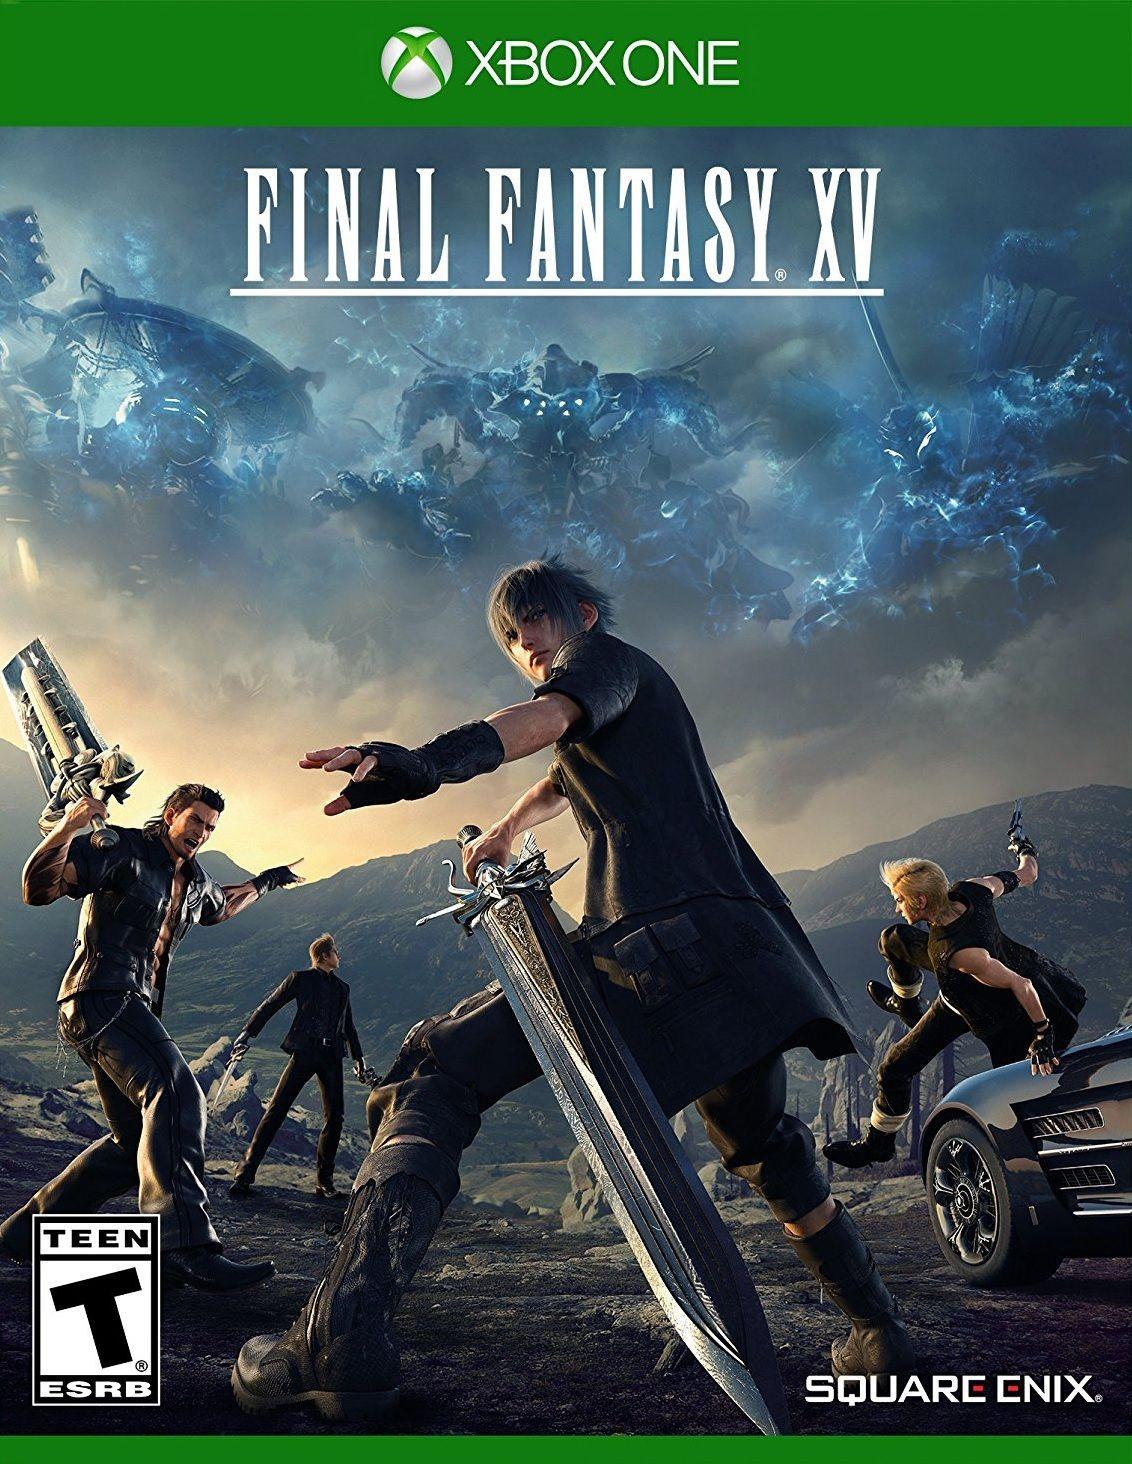 Final Fantasy XV Review Final fantasy xv ps4, Final